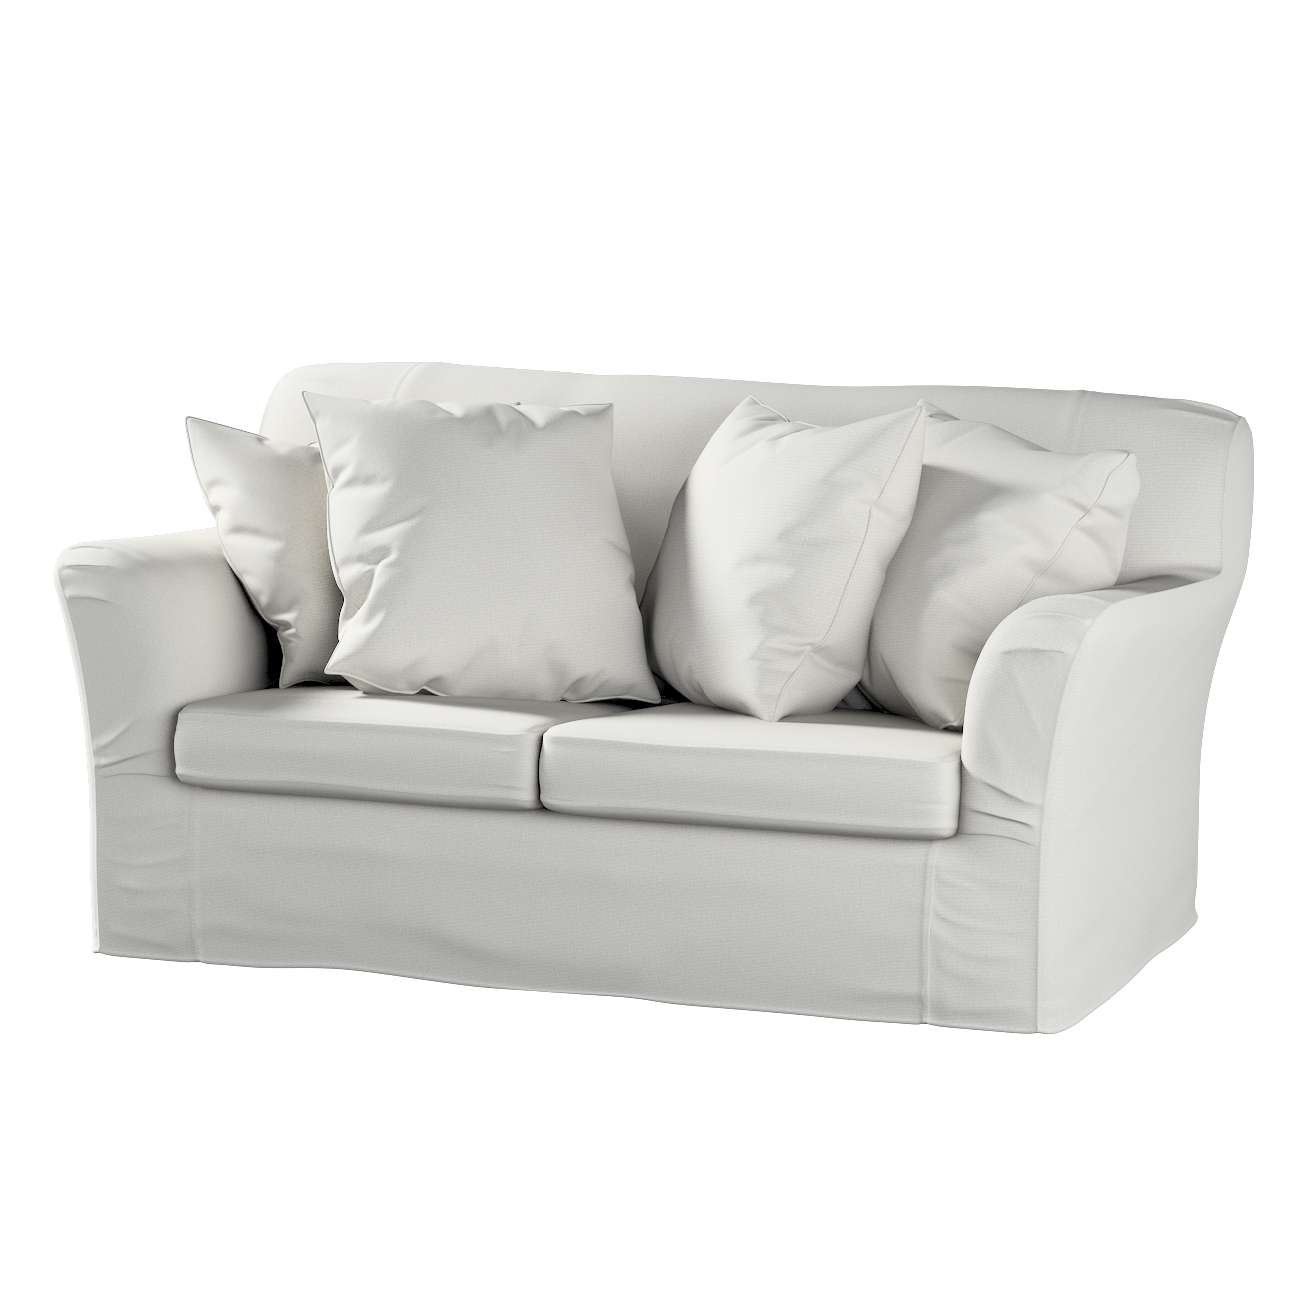 Pokrowiec na sofę Tomelilla 2-osobową nierozkładaną Sofa Tomelilla 2-osobowa w kolekcji Etna , tkanina: 705-90